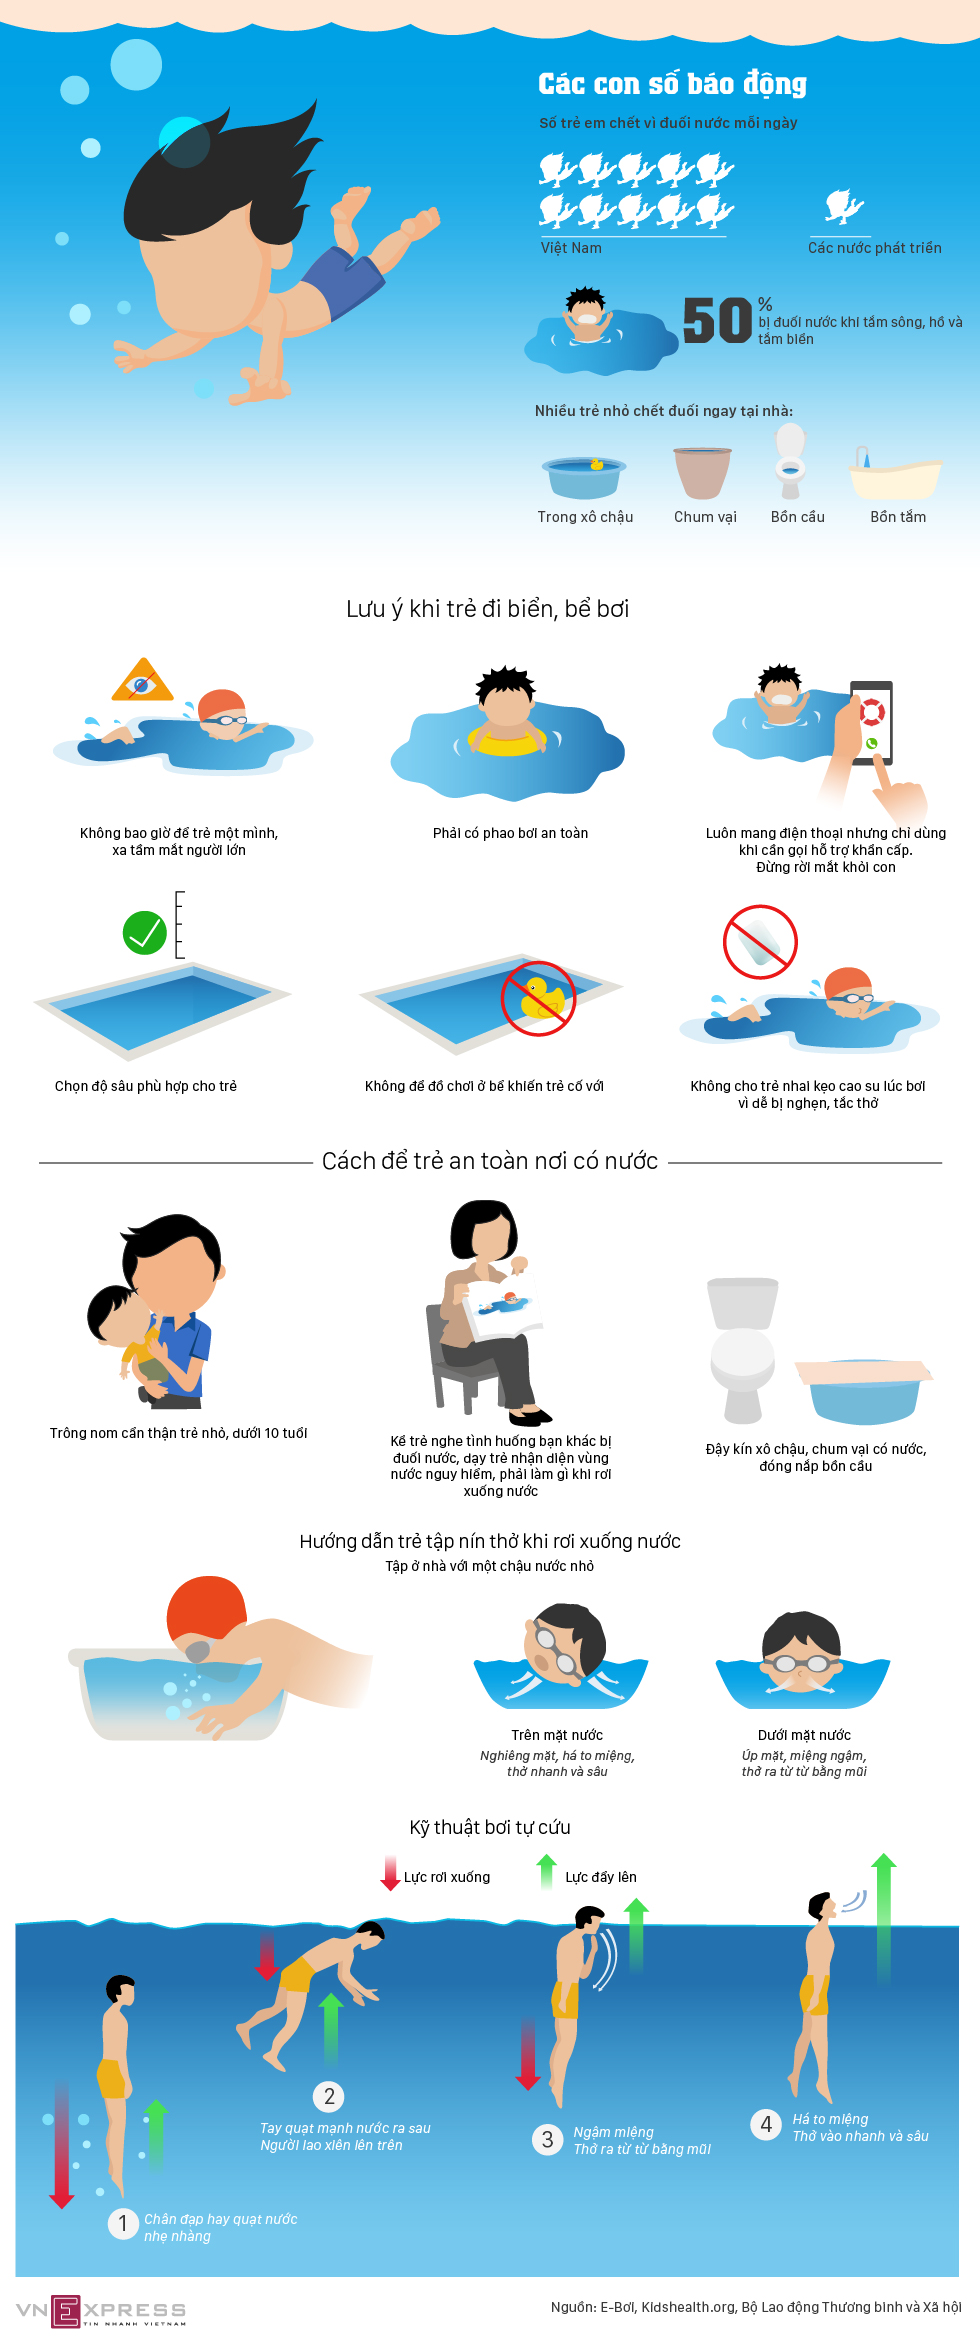 Những điều bố mẹ phải thuộc lòng để con không bị đuối nước